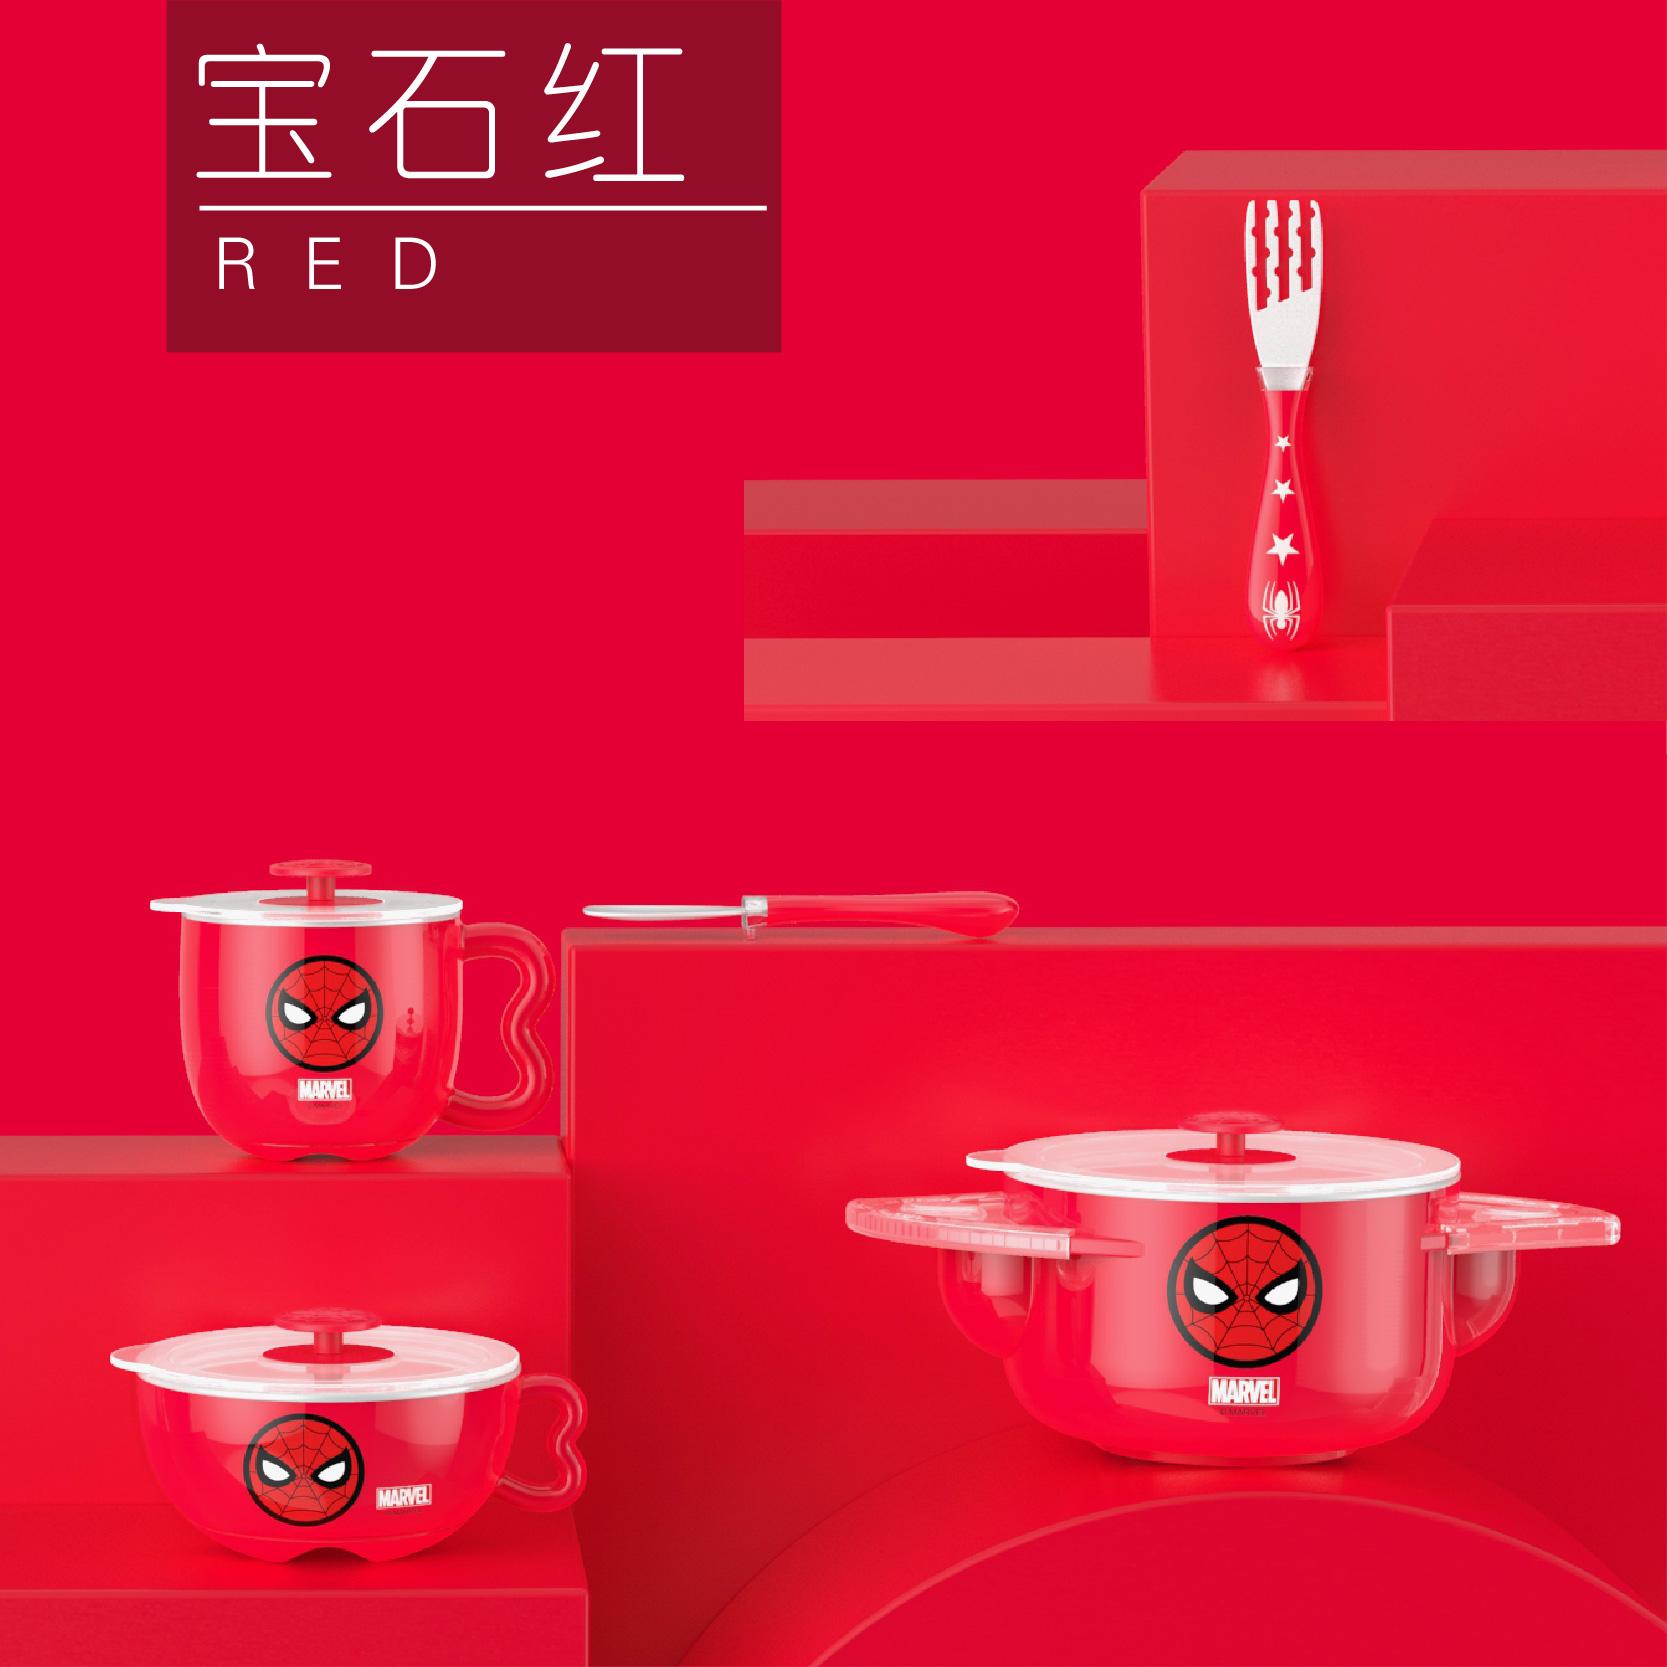 迪士尼紅色蜘蛛俠不銹鋼兒童專用餐具套裝(5件套)